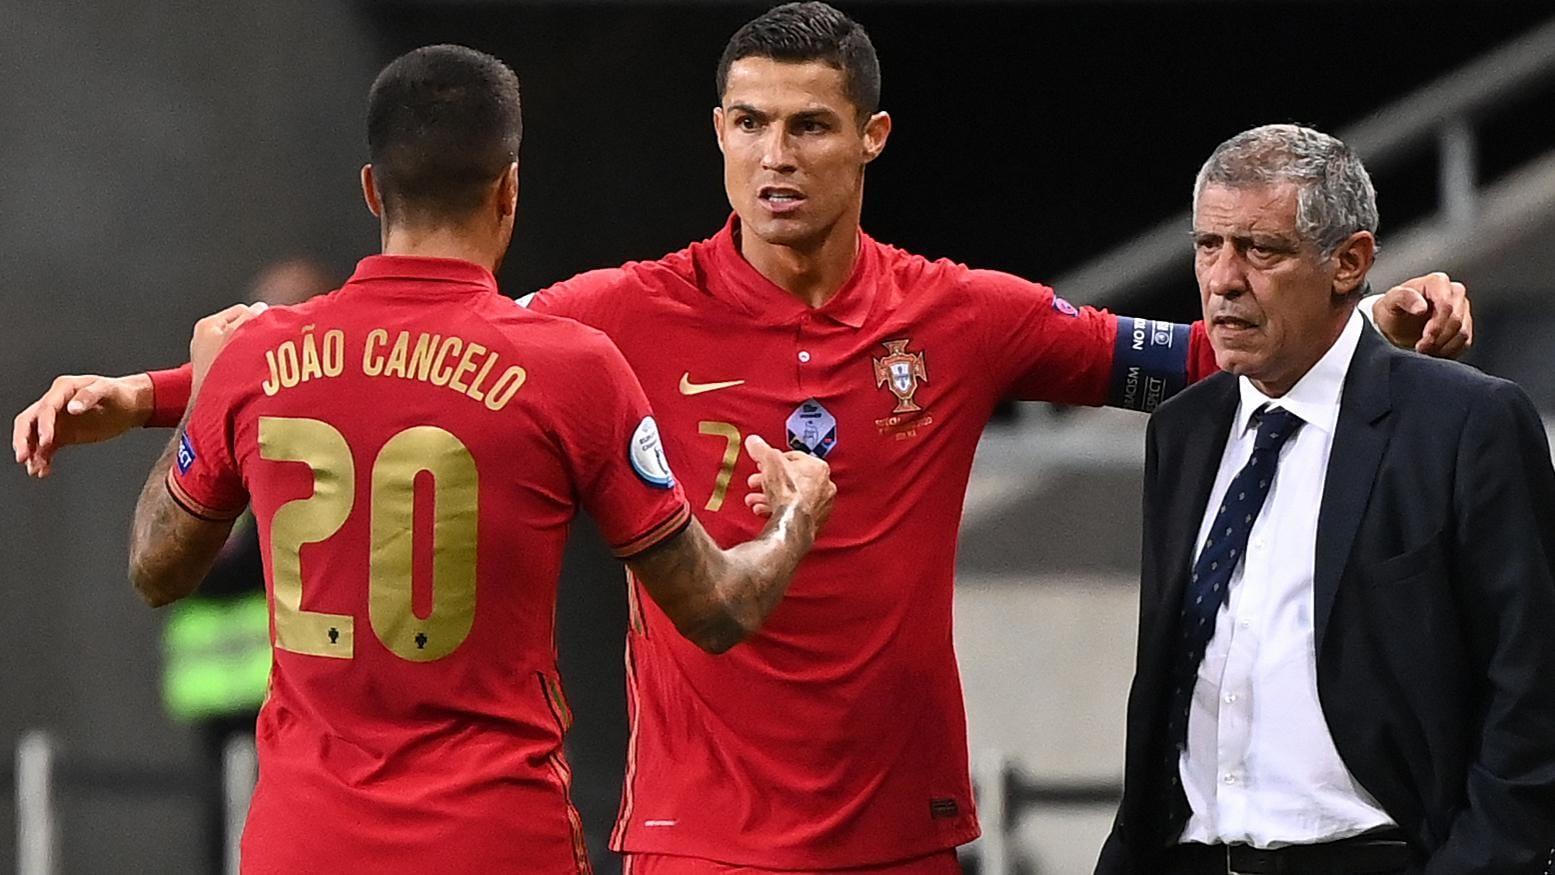 फ्रान्स र क्रोएसियाविरुद्ध खेल्ने पोर्चुगलको टोली घोषणा : को–को परे ?